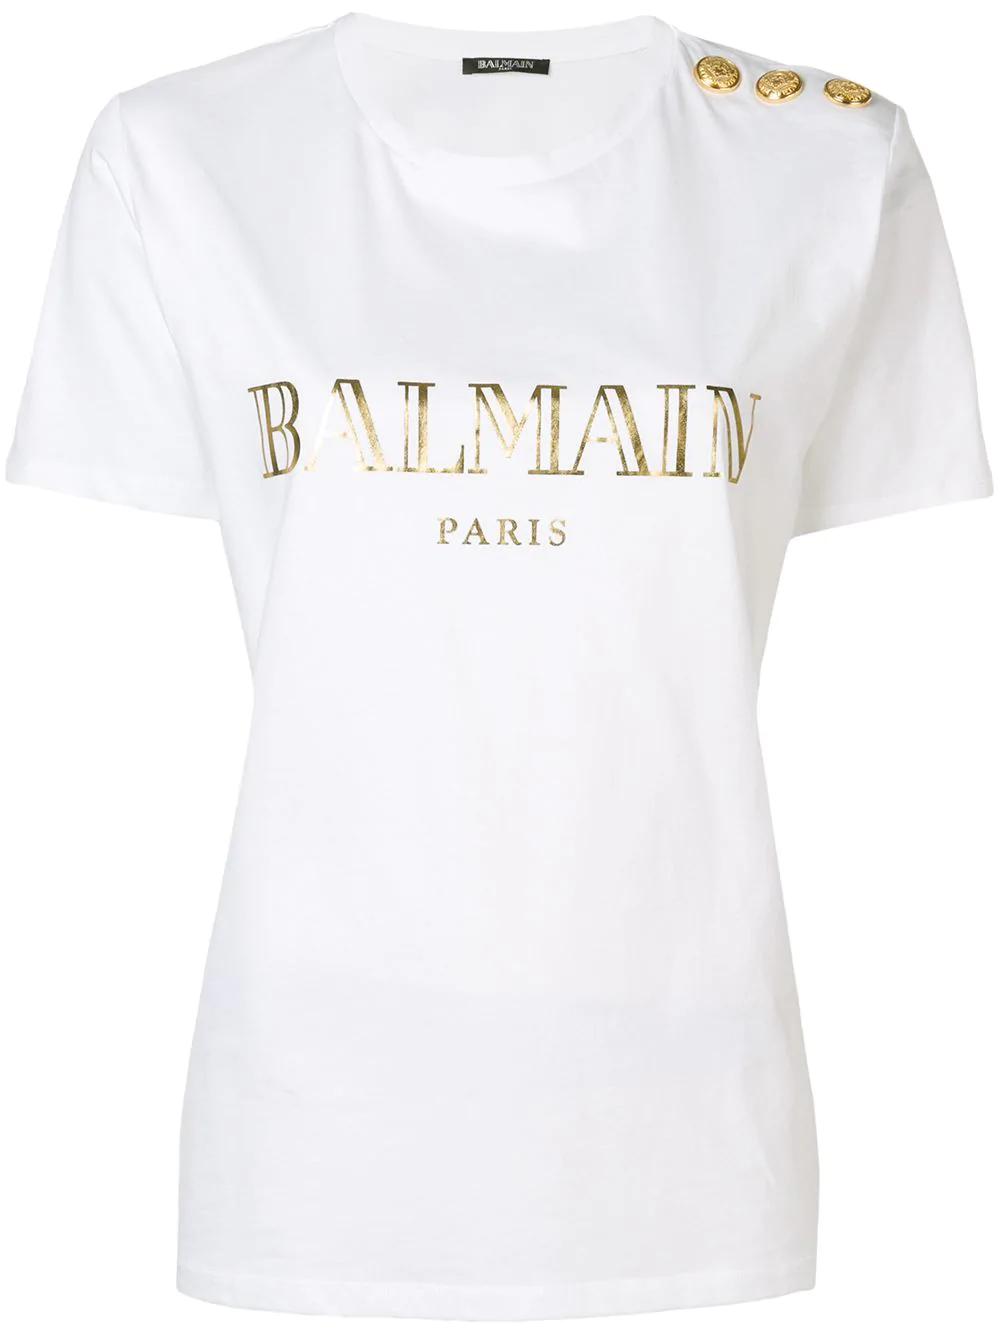 485a9b28 Balmain Womens Dark Blue Logo-Print Cotton-Jersey Short Sleeve T-Shirt In